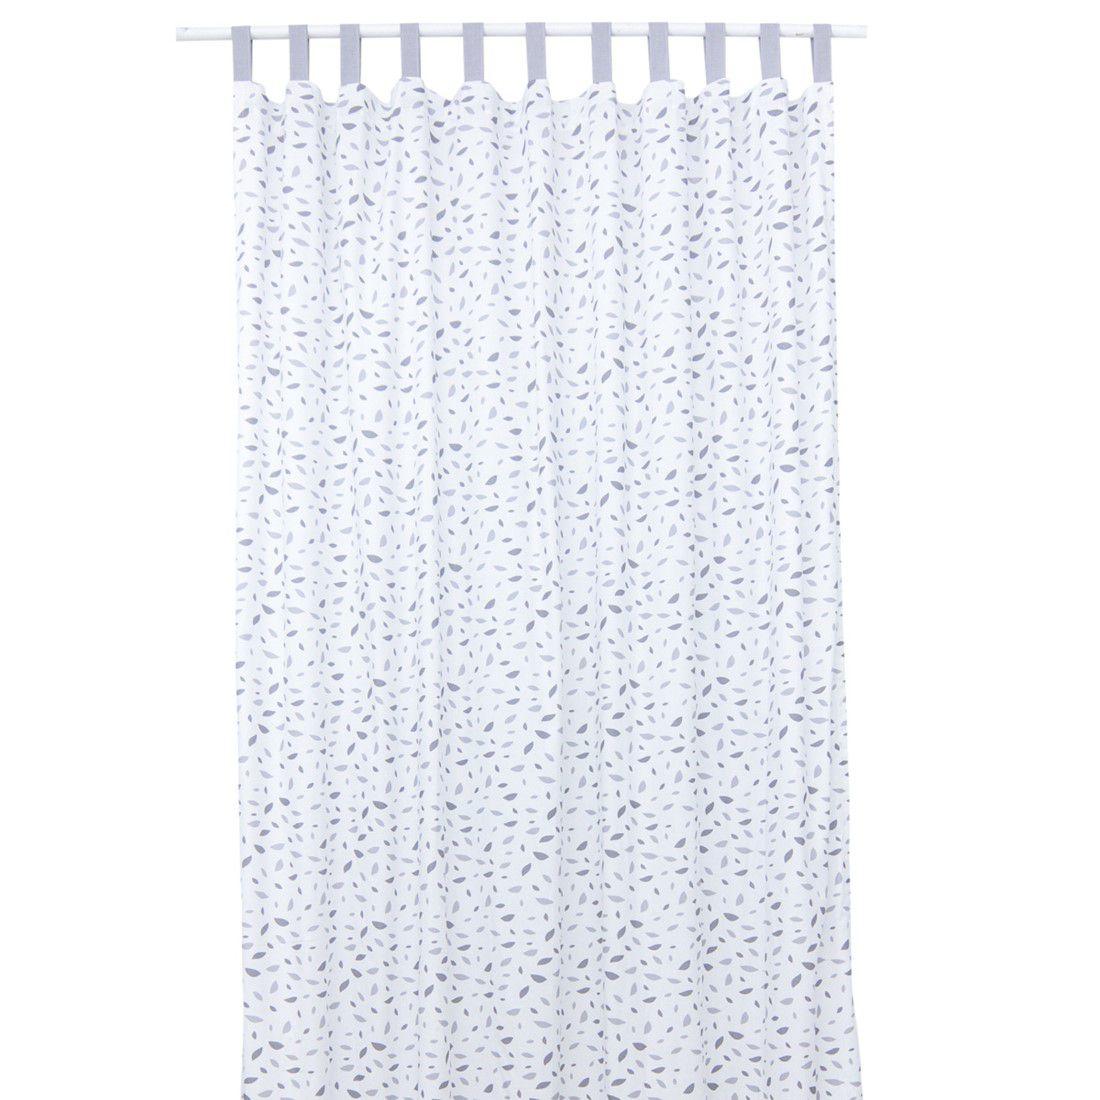 Cortina Chão de Folhas Cinza 145 x 250 cm